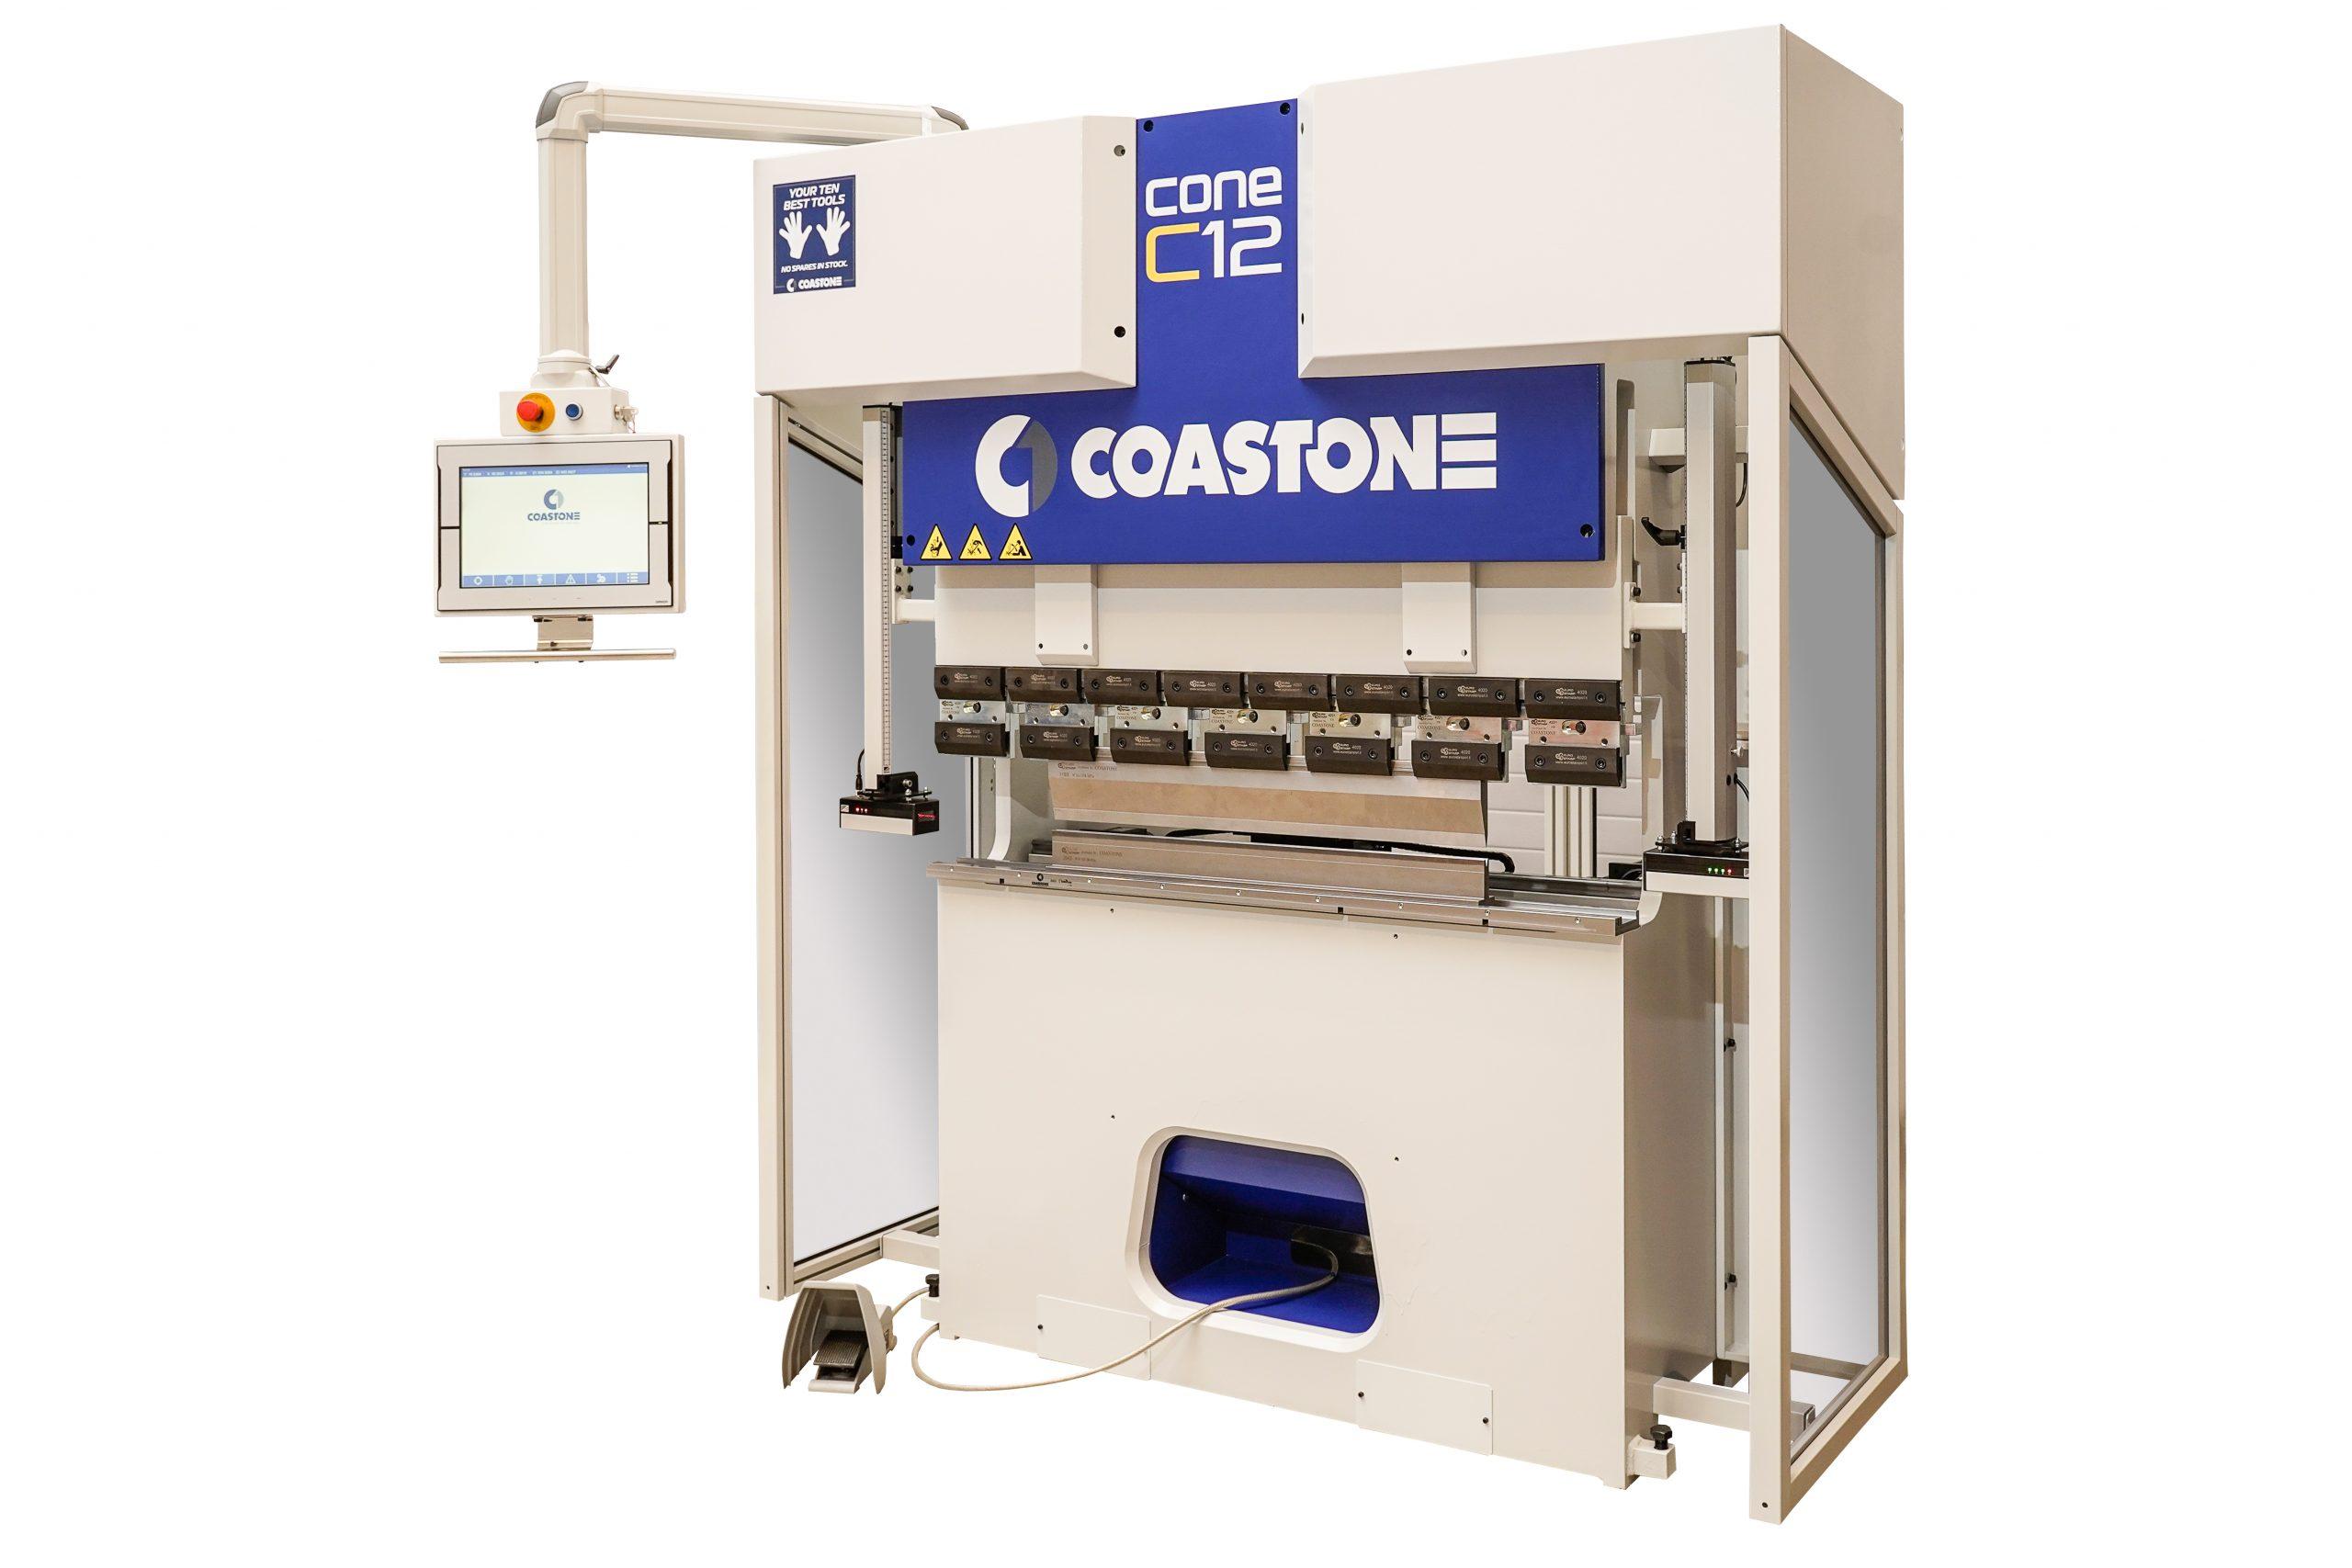 CostOneC12